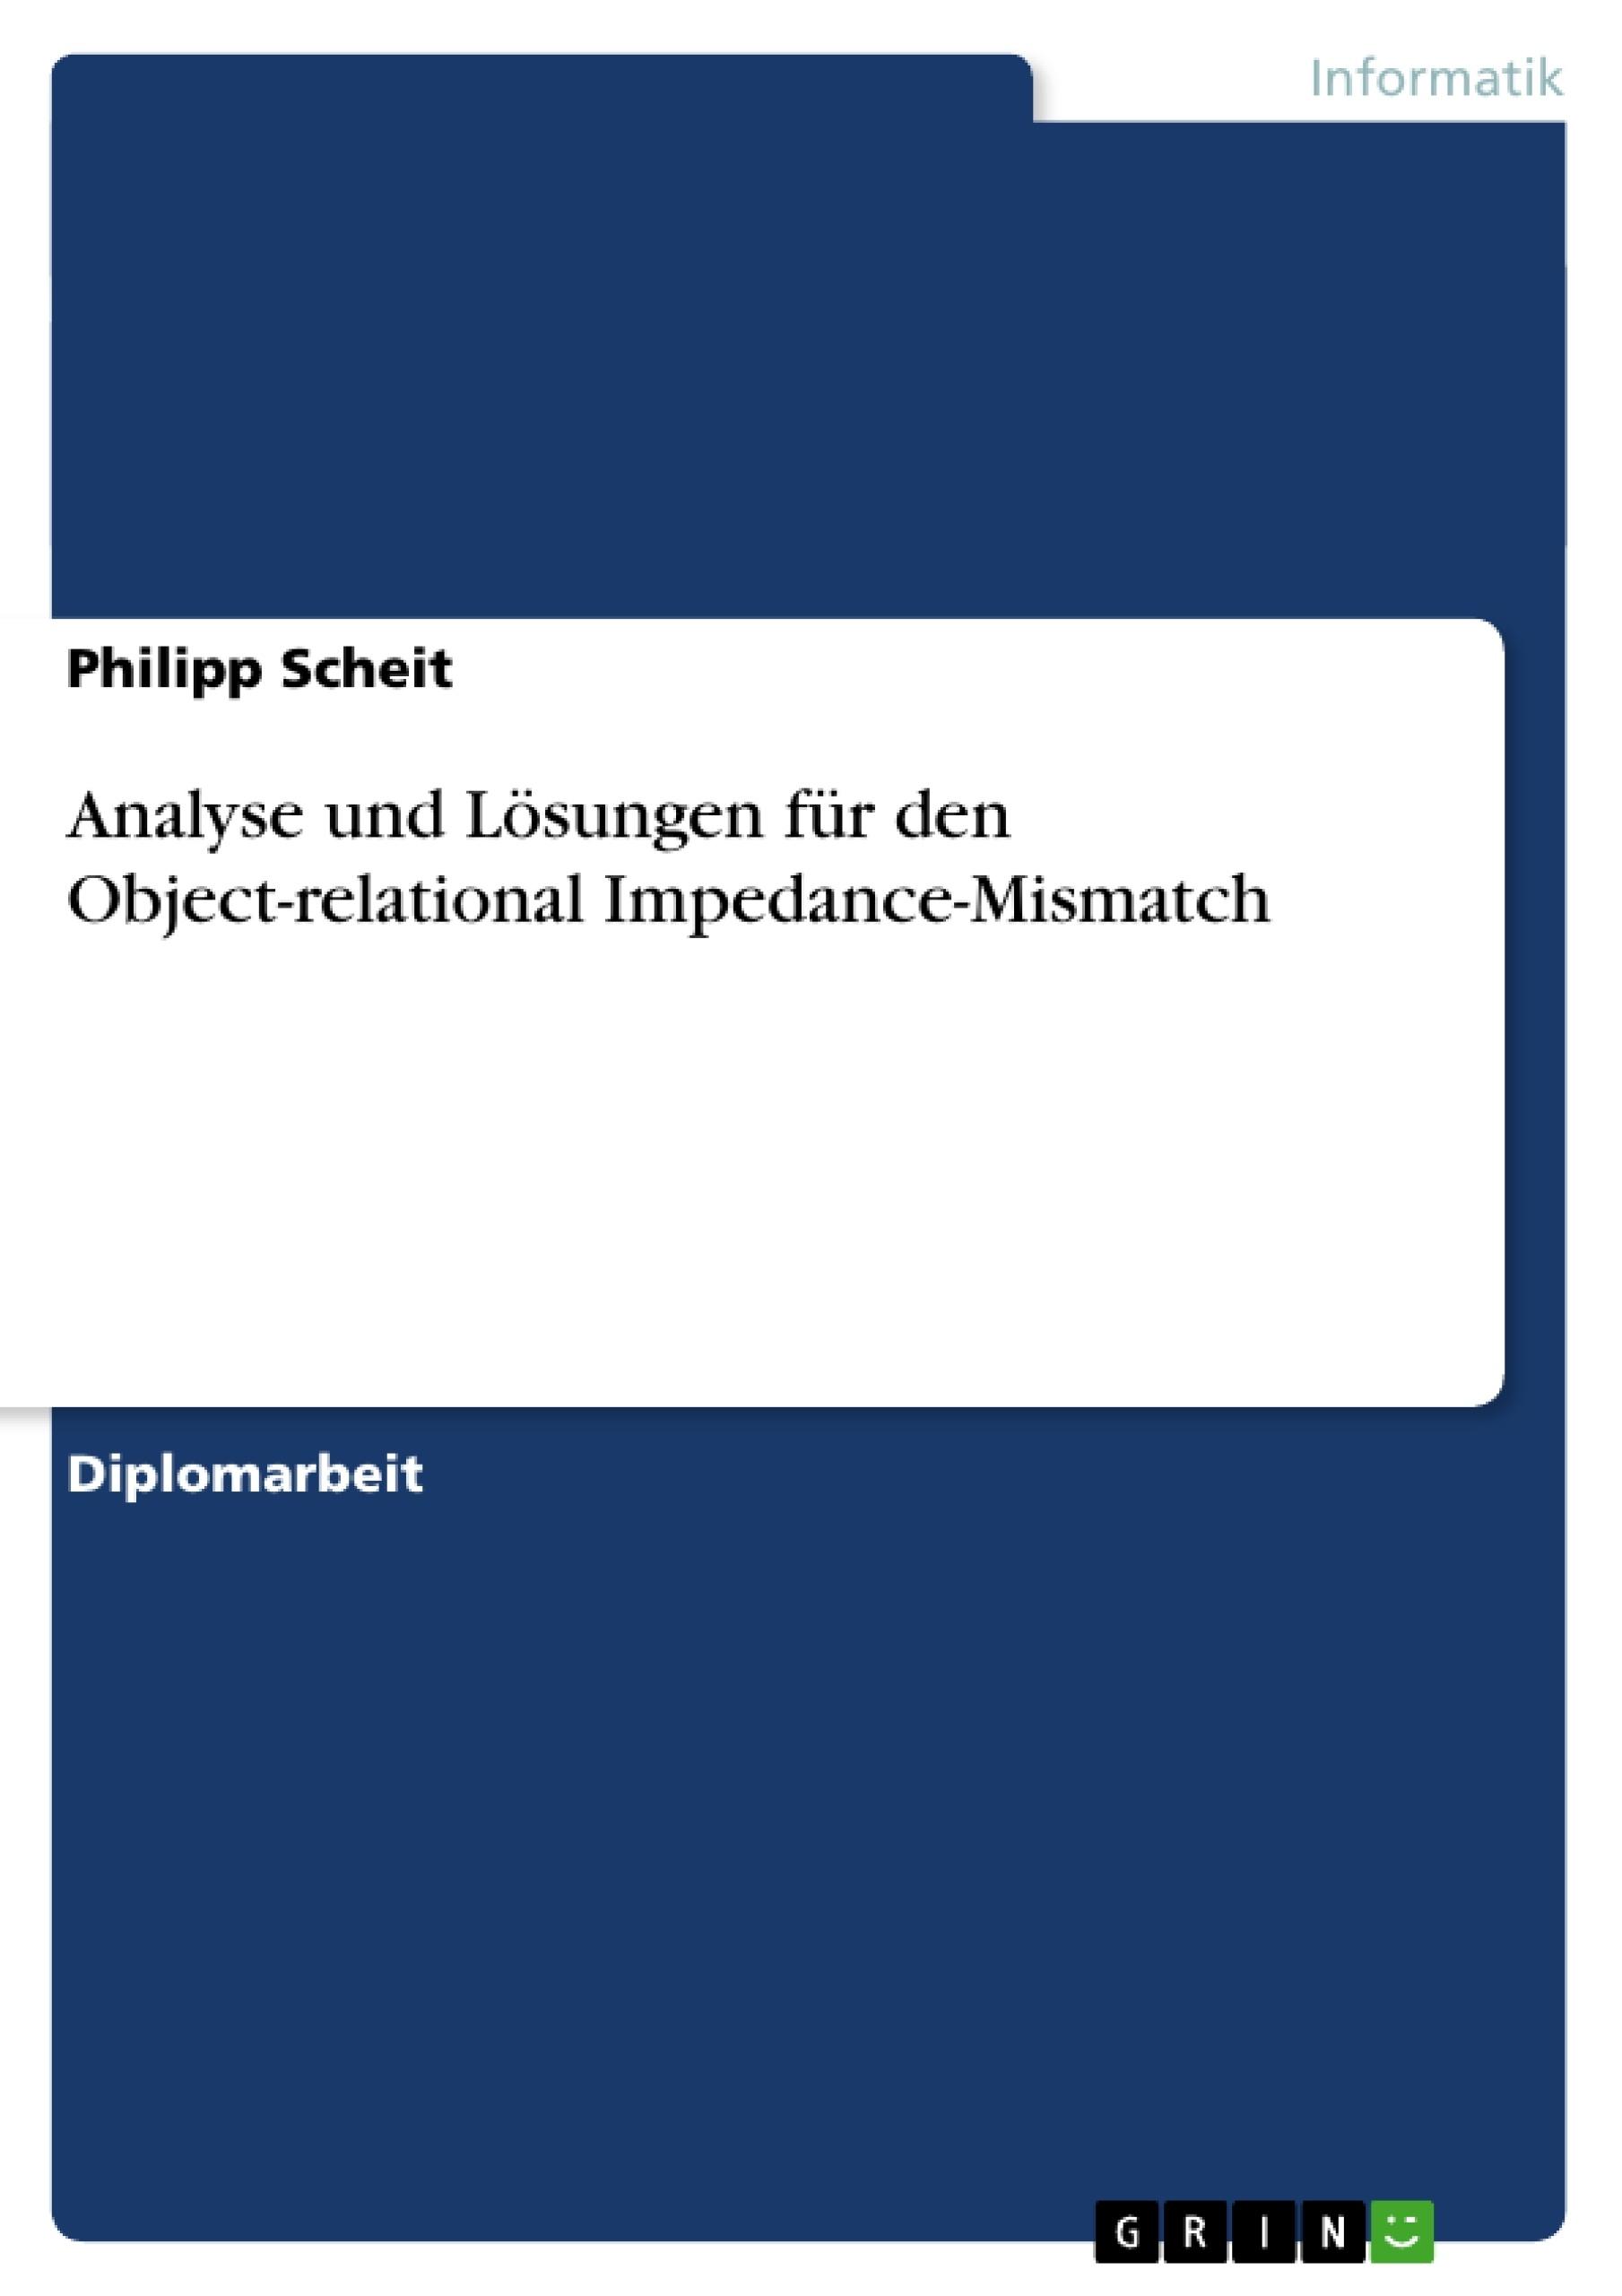 Analyse und Lösungen für den Object-relational Impedance-Mismatch ...